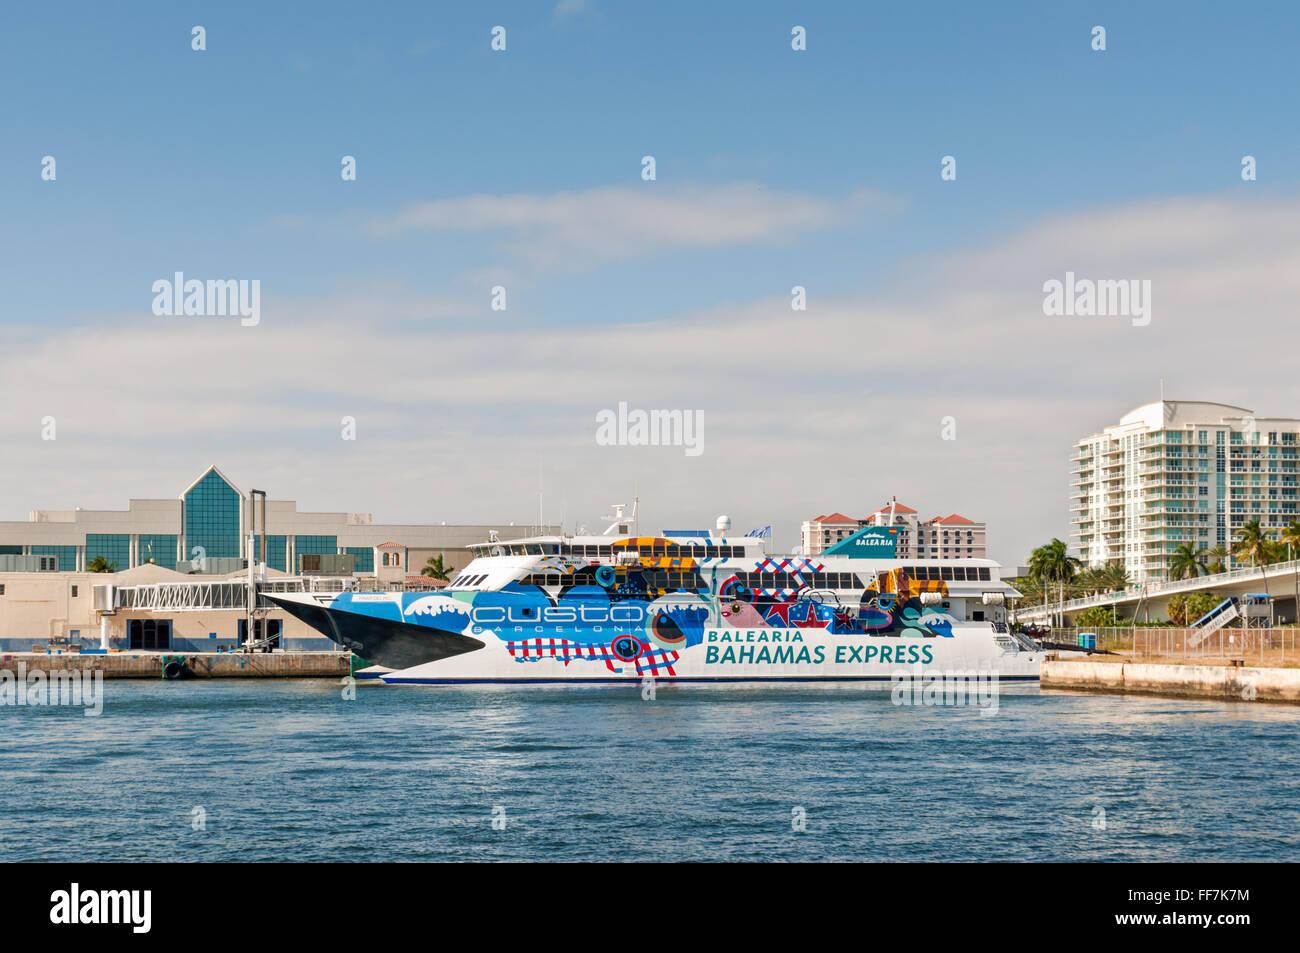 Passenger Ship Pinar del Rio of the Balearia Bahamas Express - Stock Image